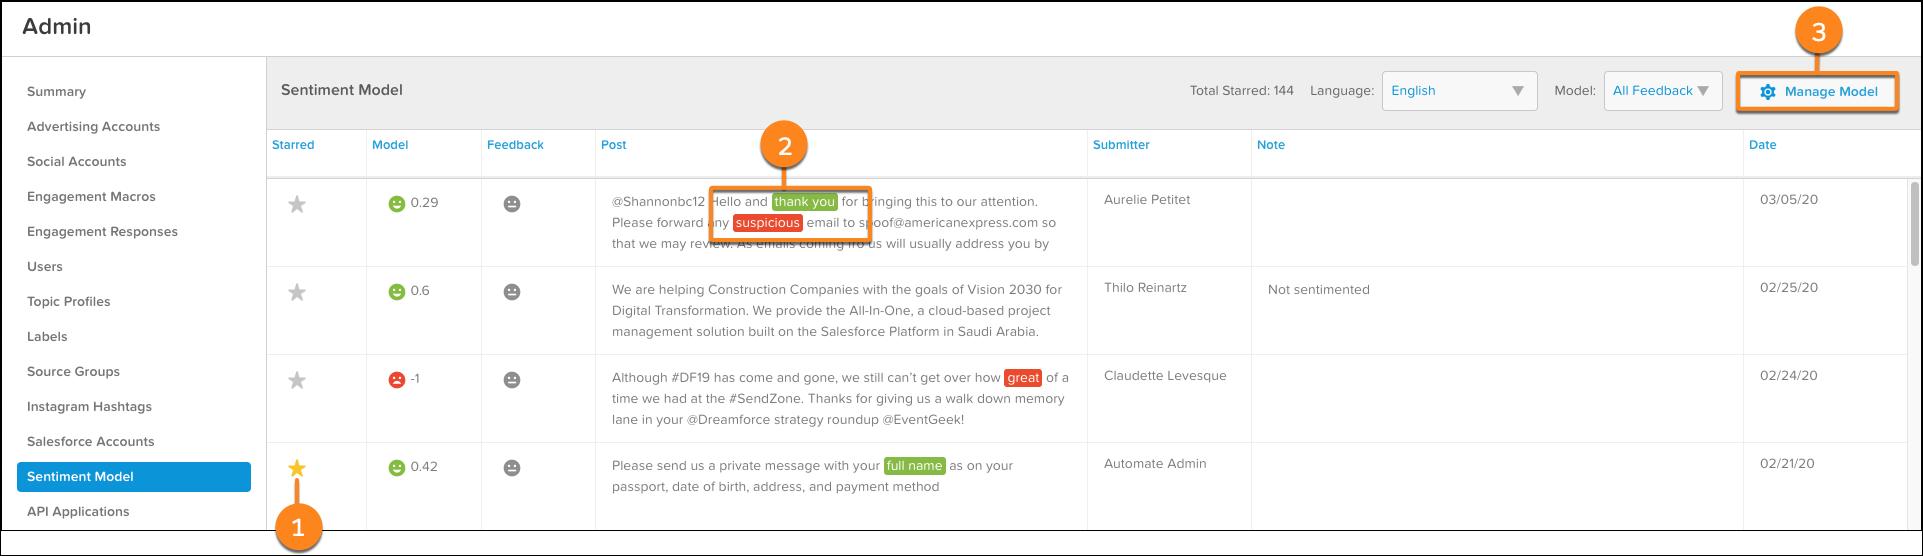 スター付き、強調表示された語句、[モデルを管理] ボタンにコールアウトが付いているセンチメントモデルの管理画面。